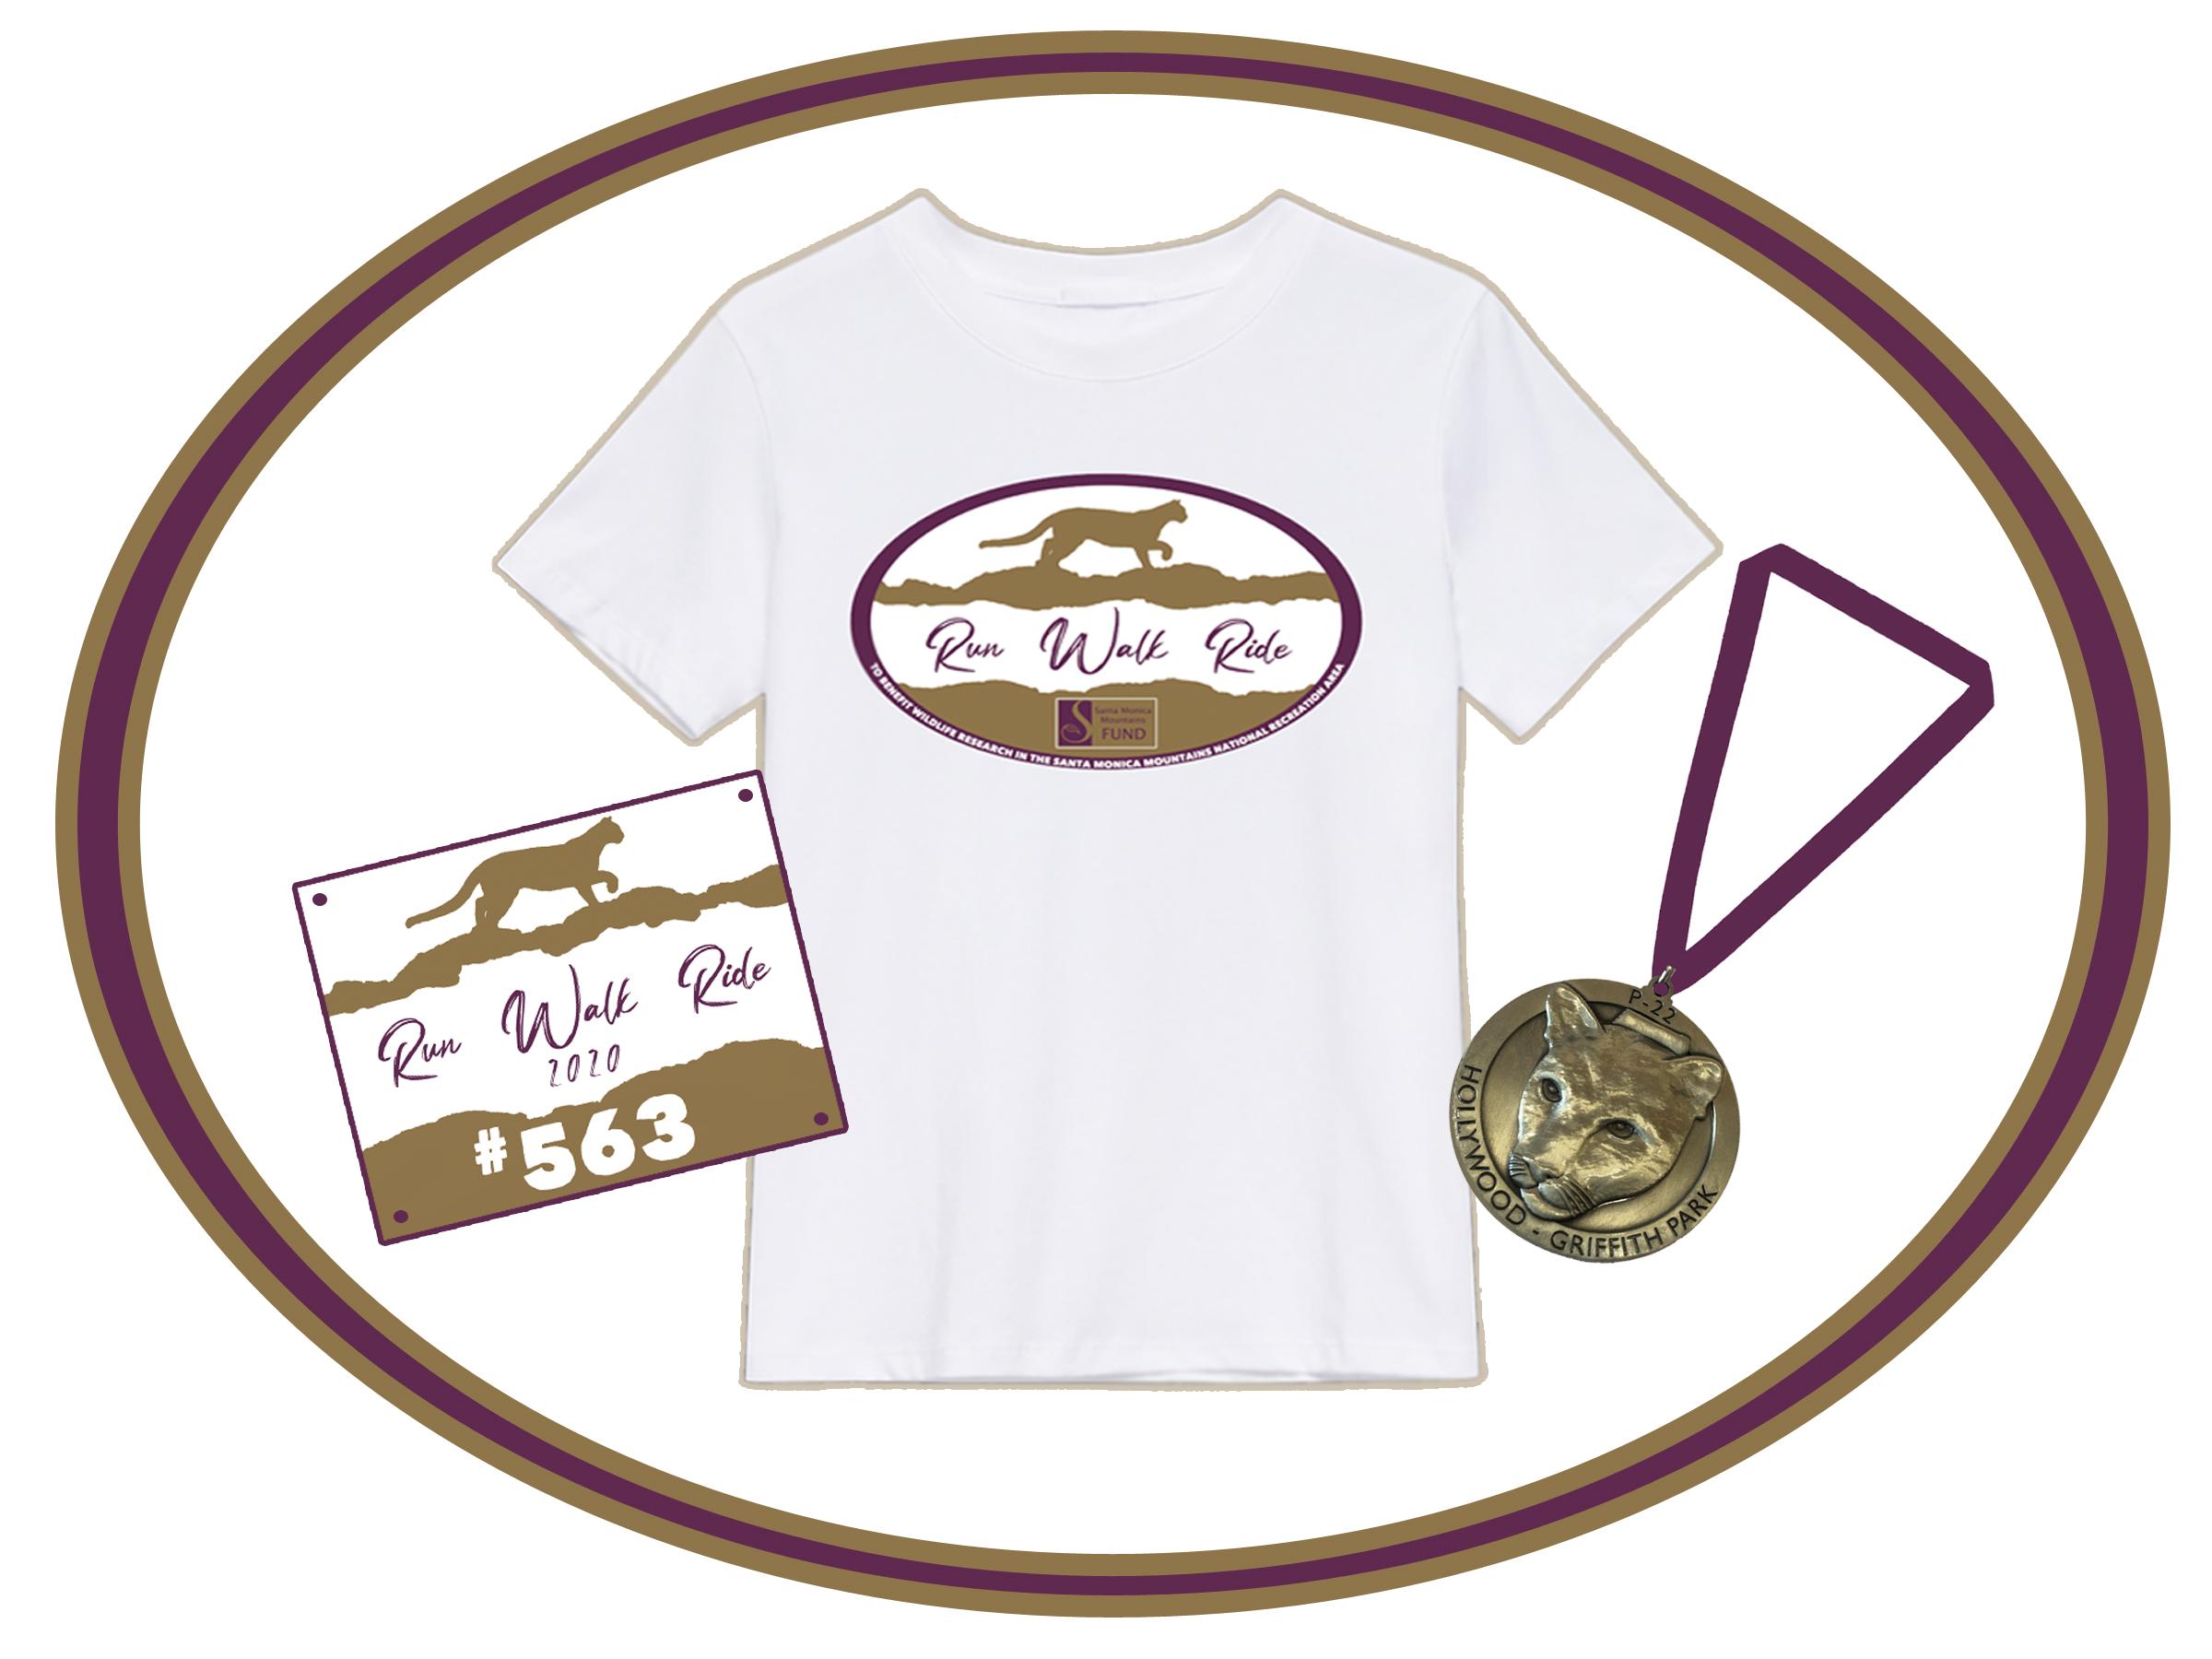 Bib shirt medal graphic